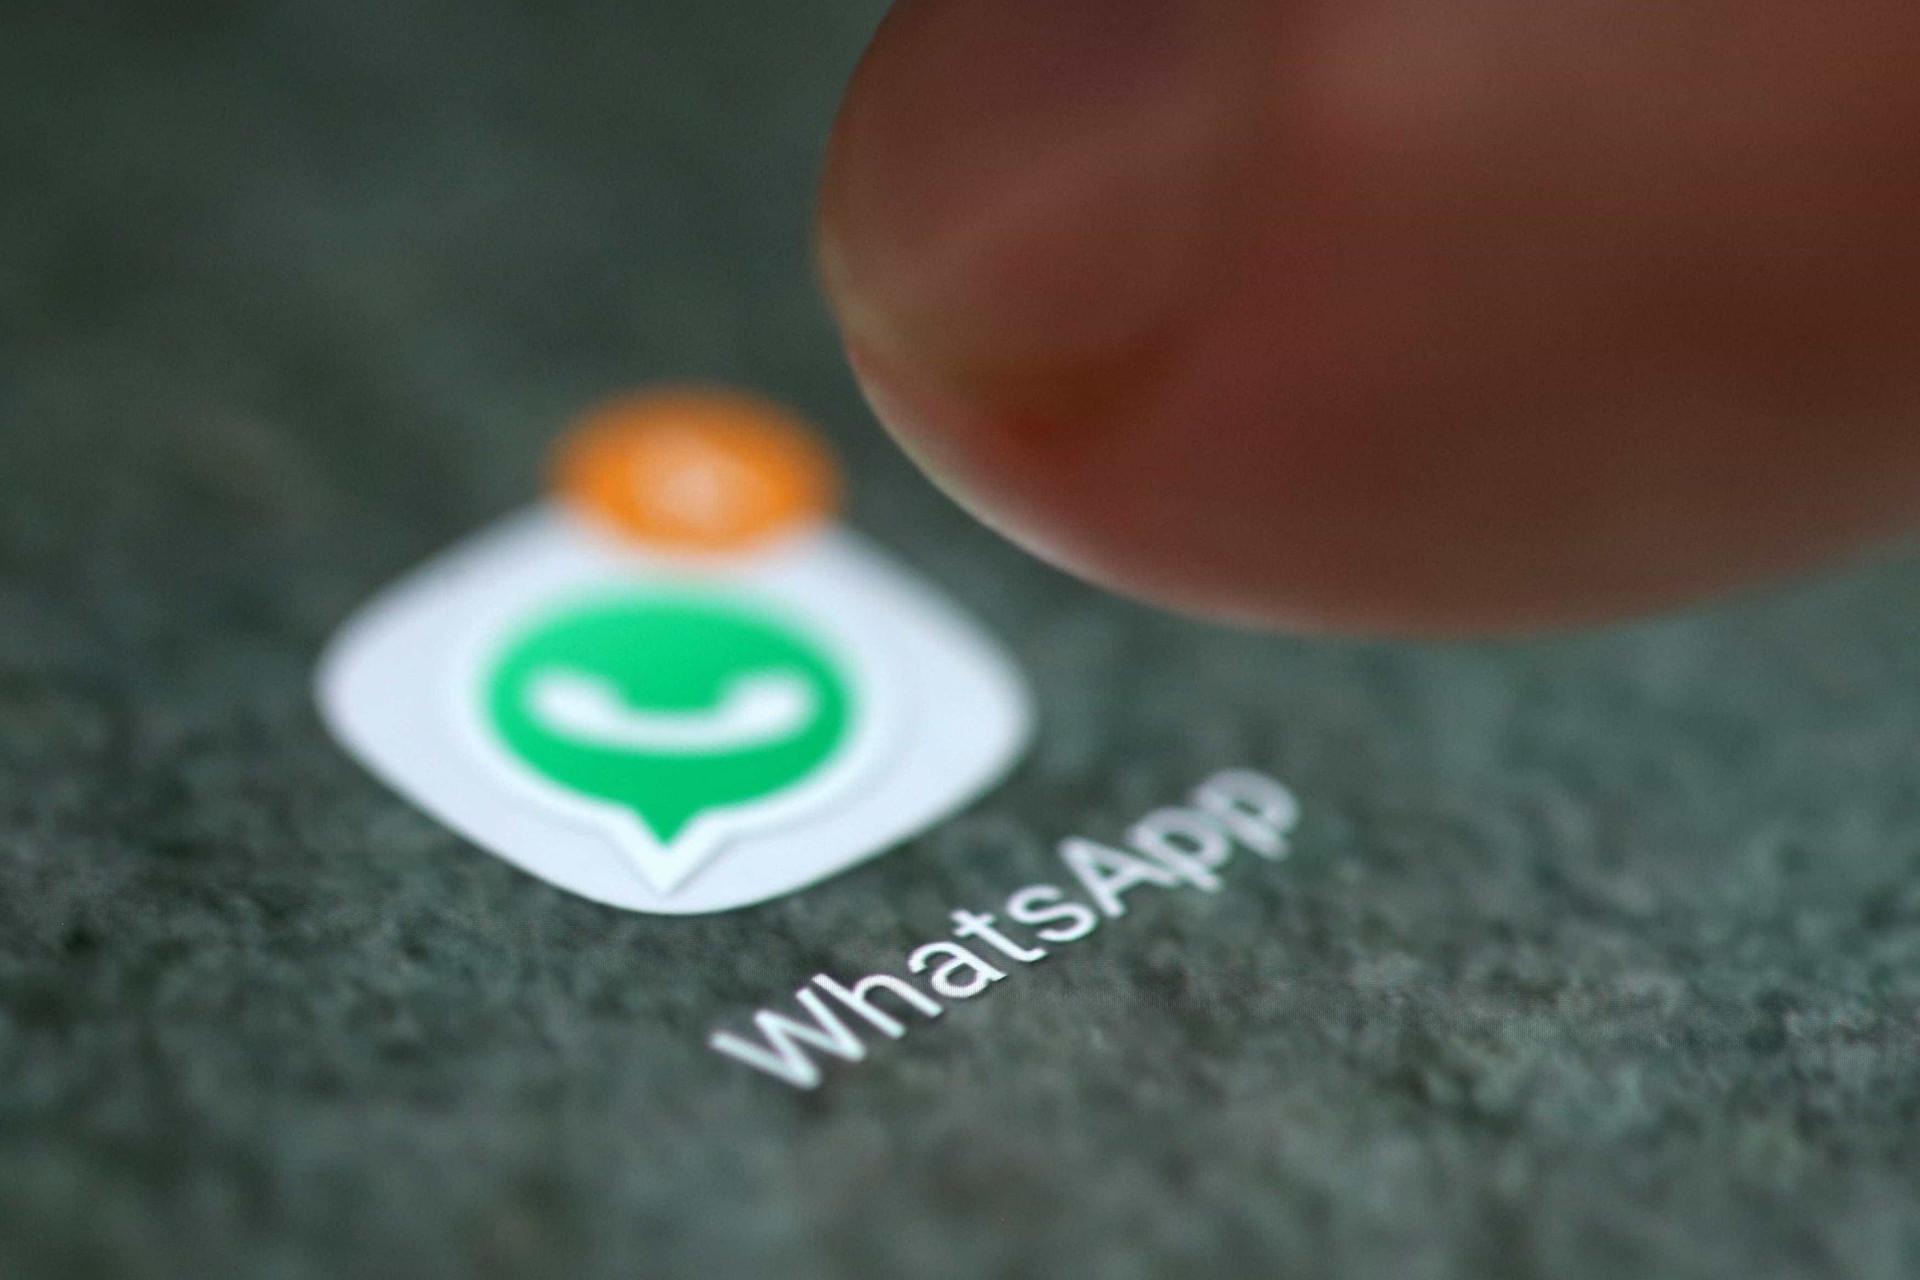 WhatsApp: Sinais de mensagens pouco confiáveis a que deve estar alerta